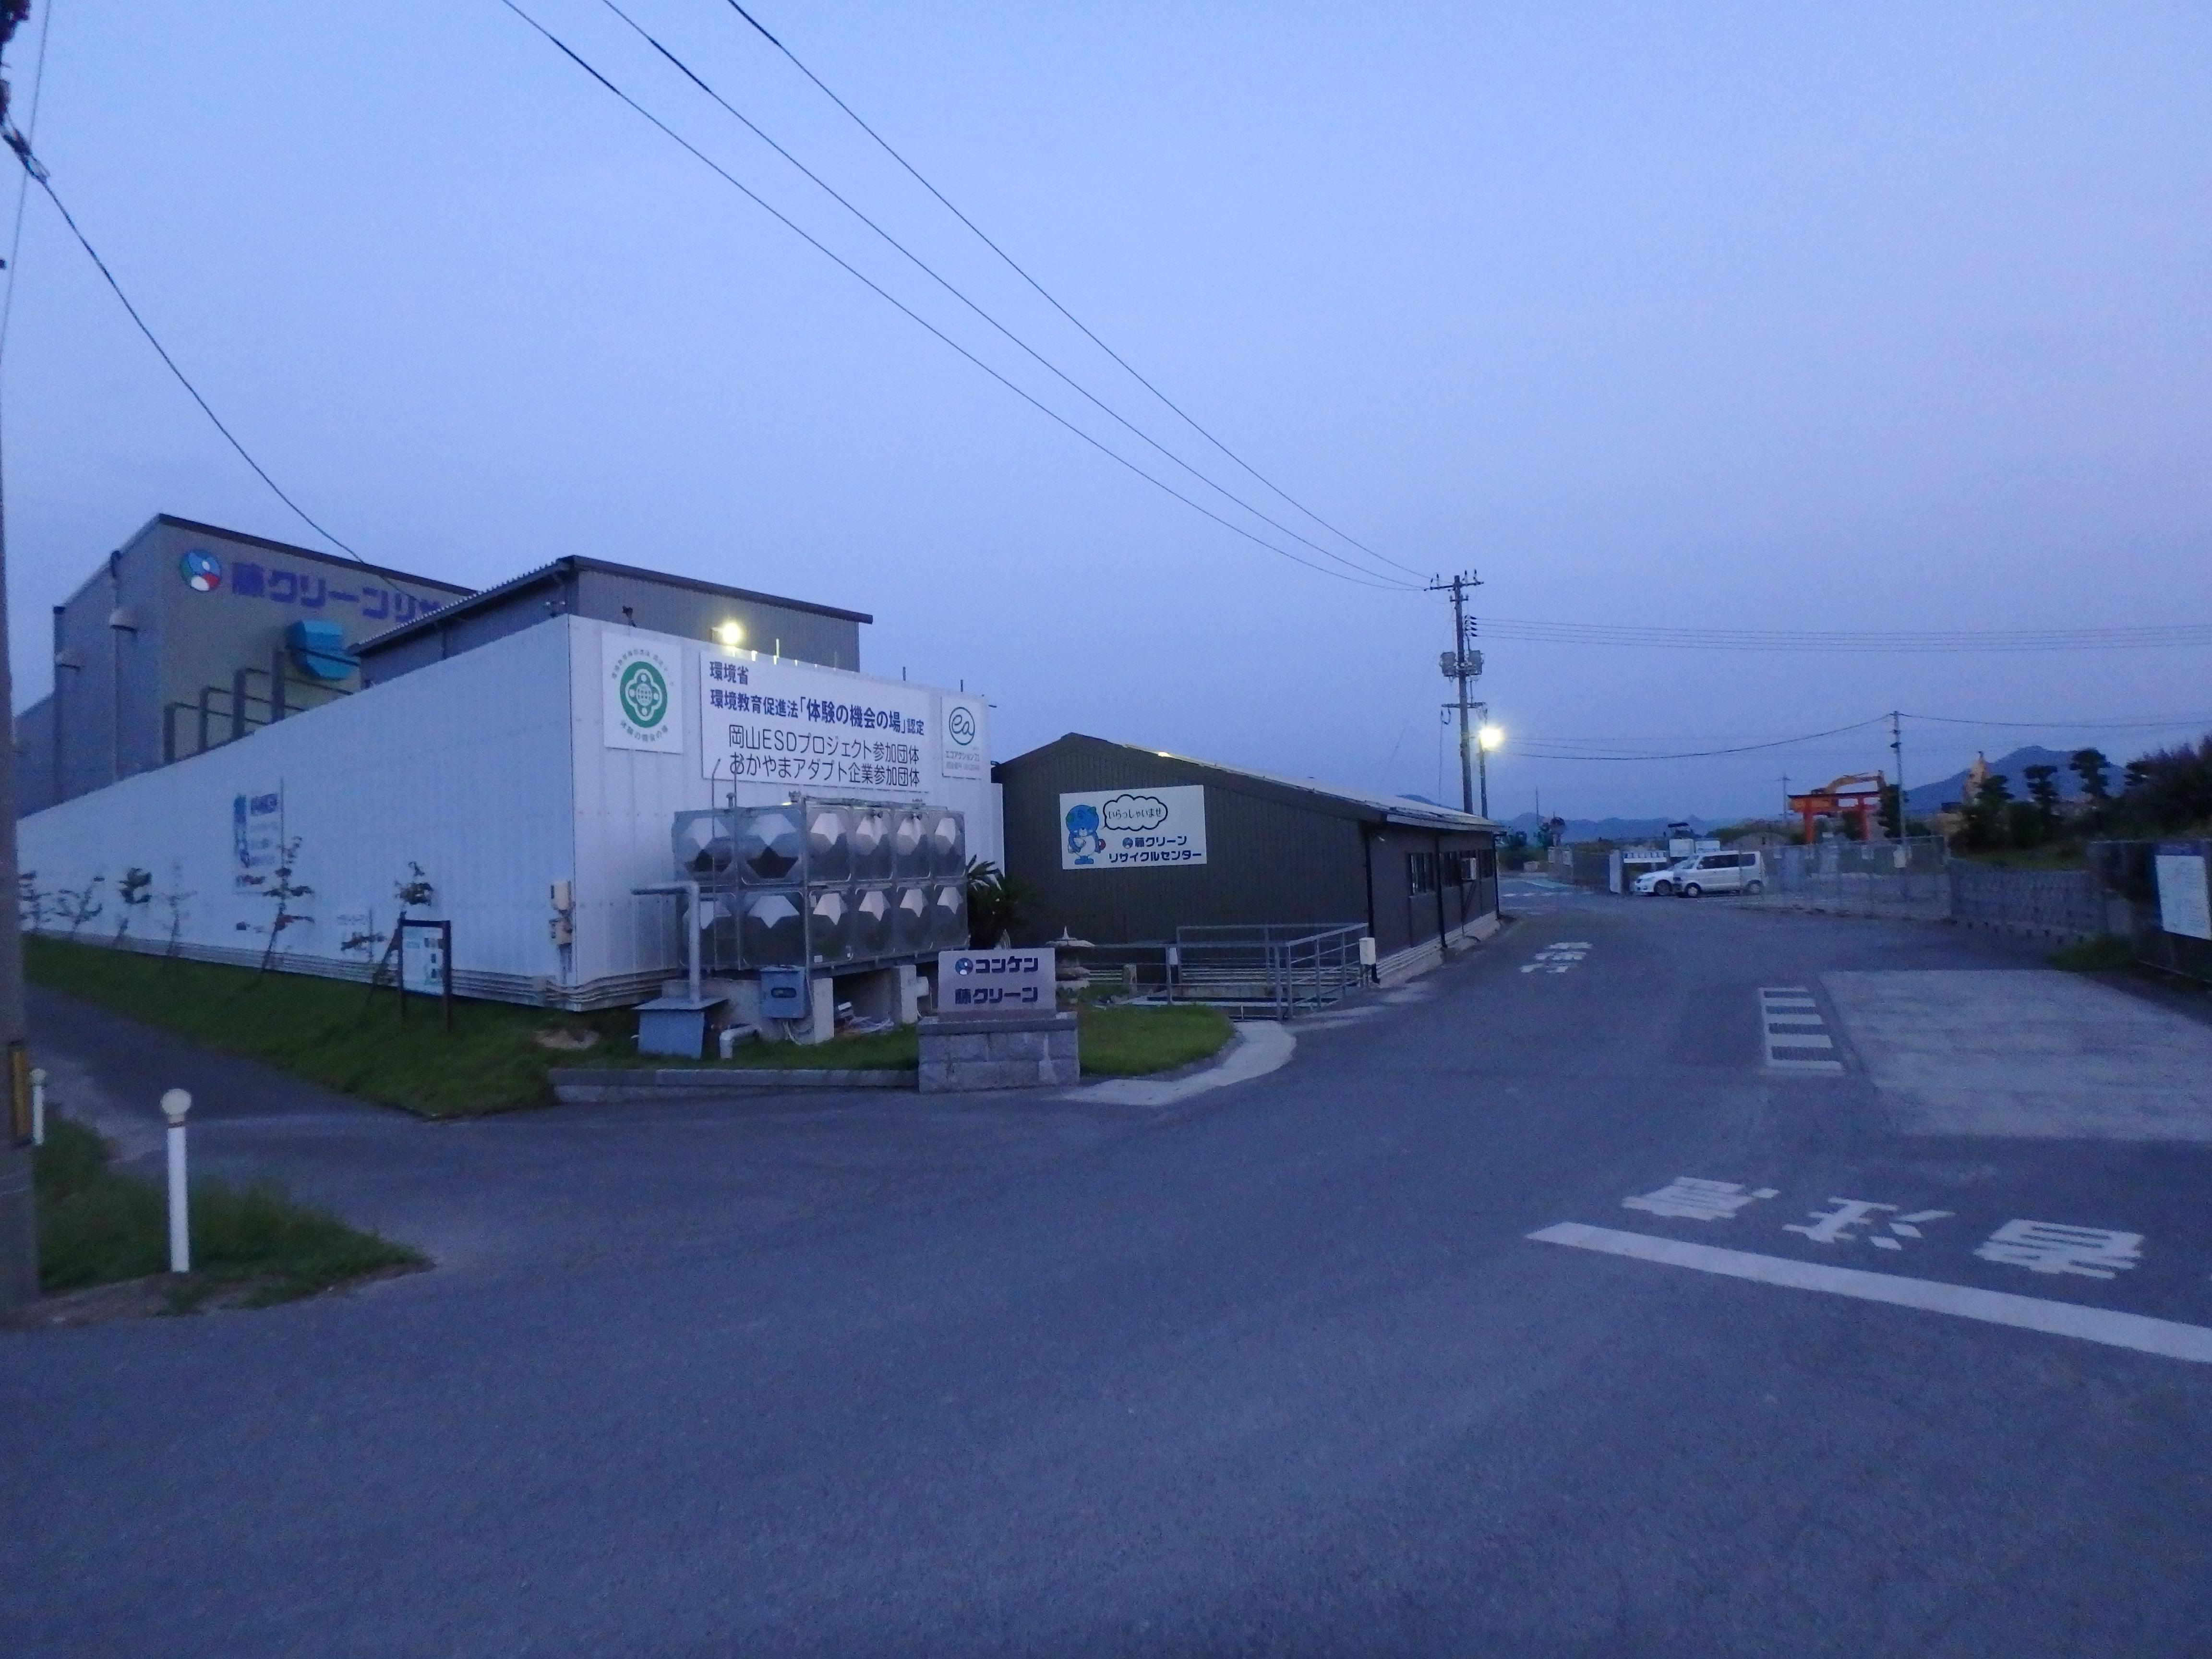 岡山県・岡山市が実施した「ライトダウンキャンペーン」に参加しました。